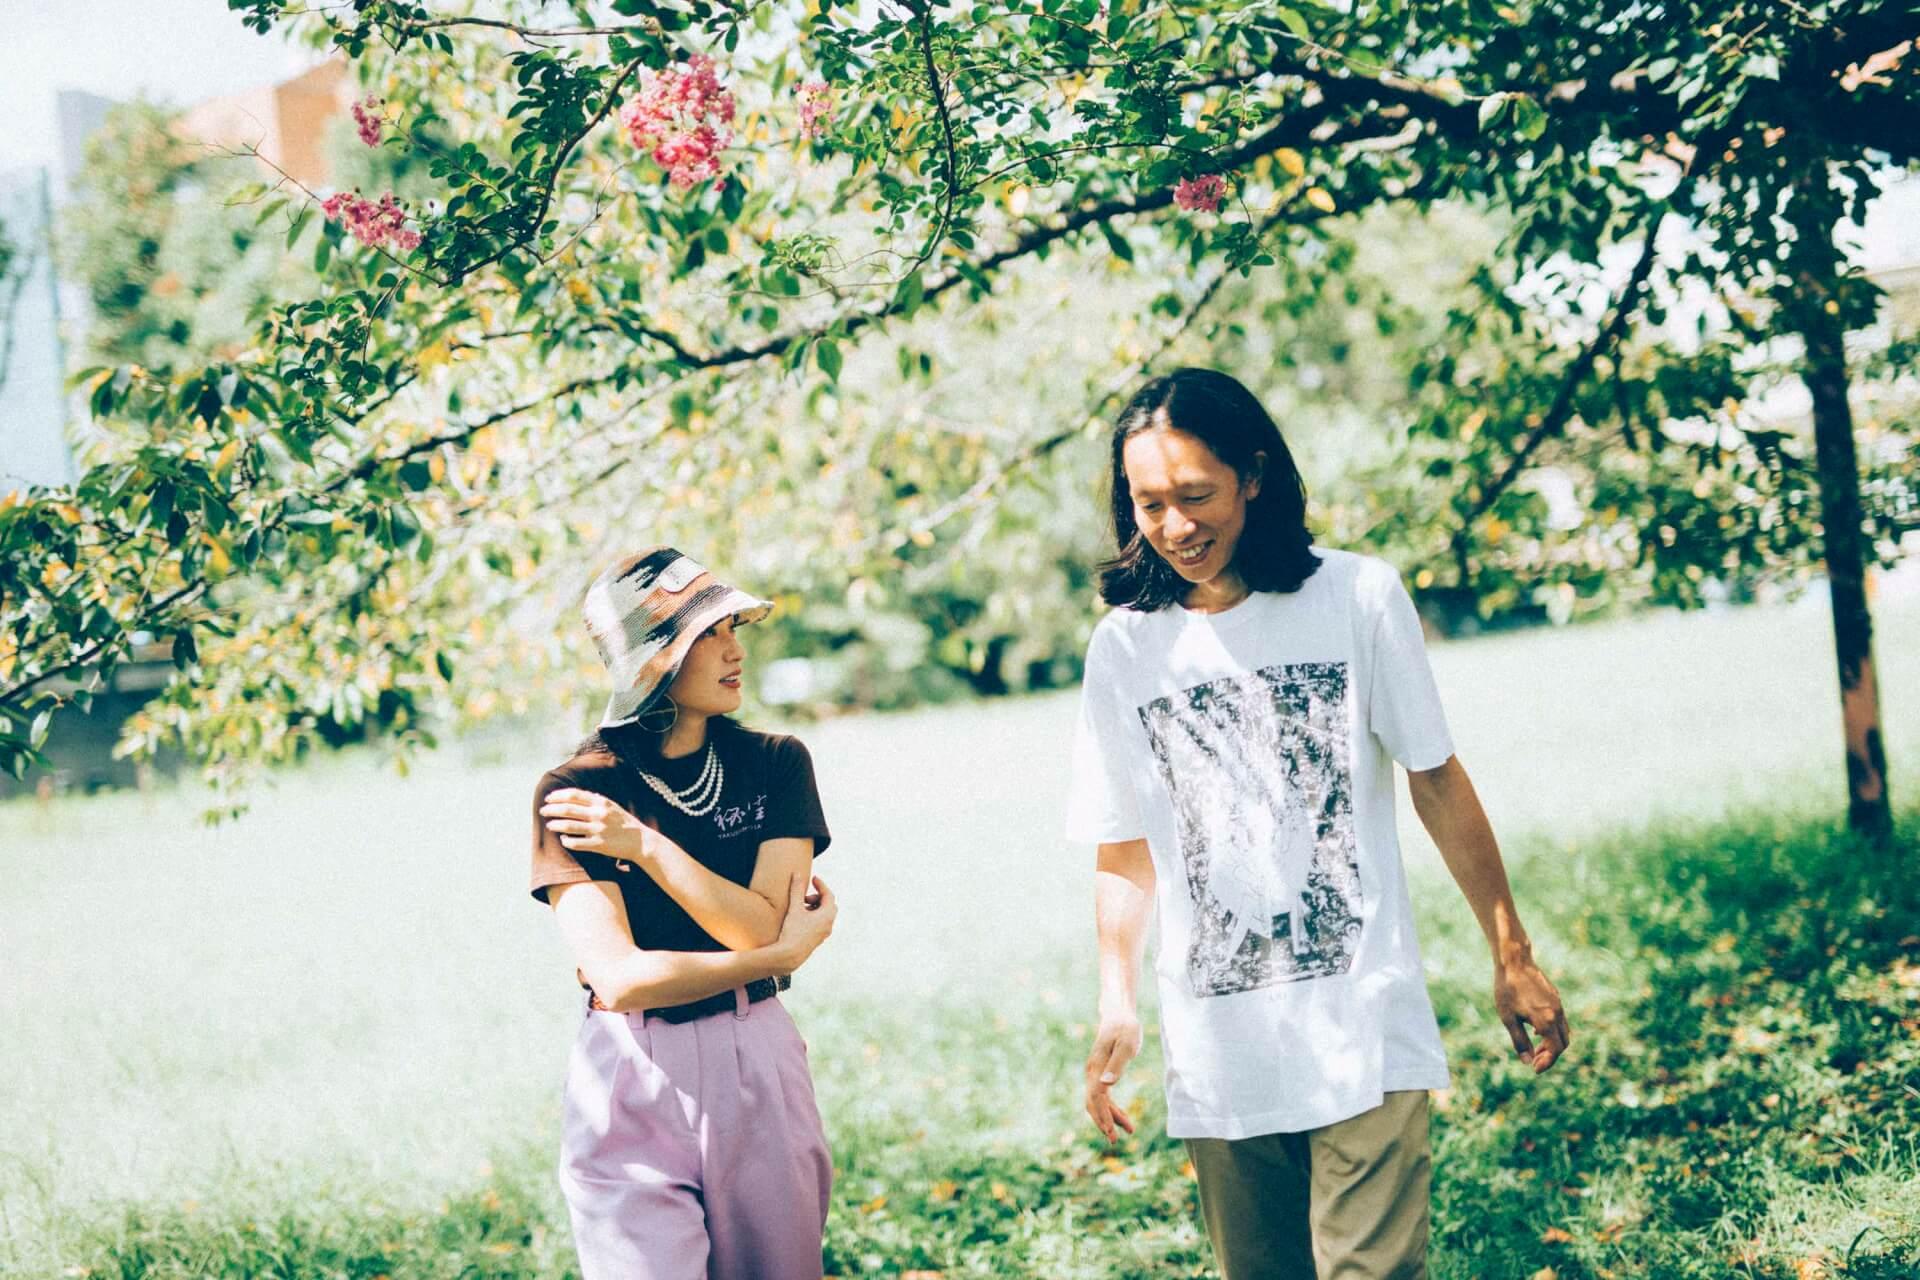 インタビュー|コムアイとオオルタイチがTrue Colors BEATS出演にあたって語る想い interview191011-yakushimatreasure-7